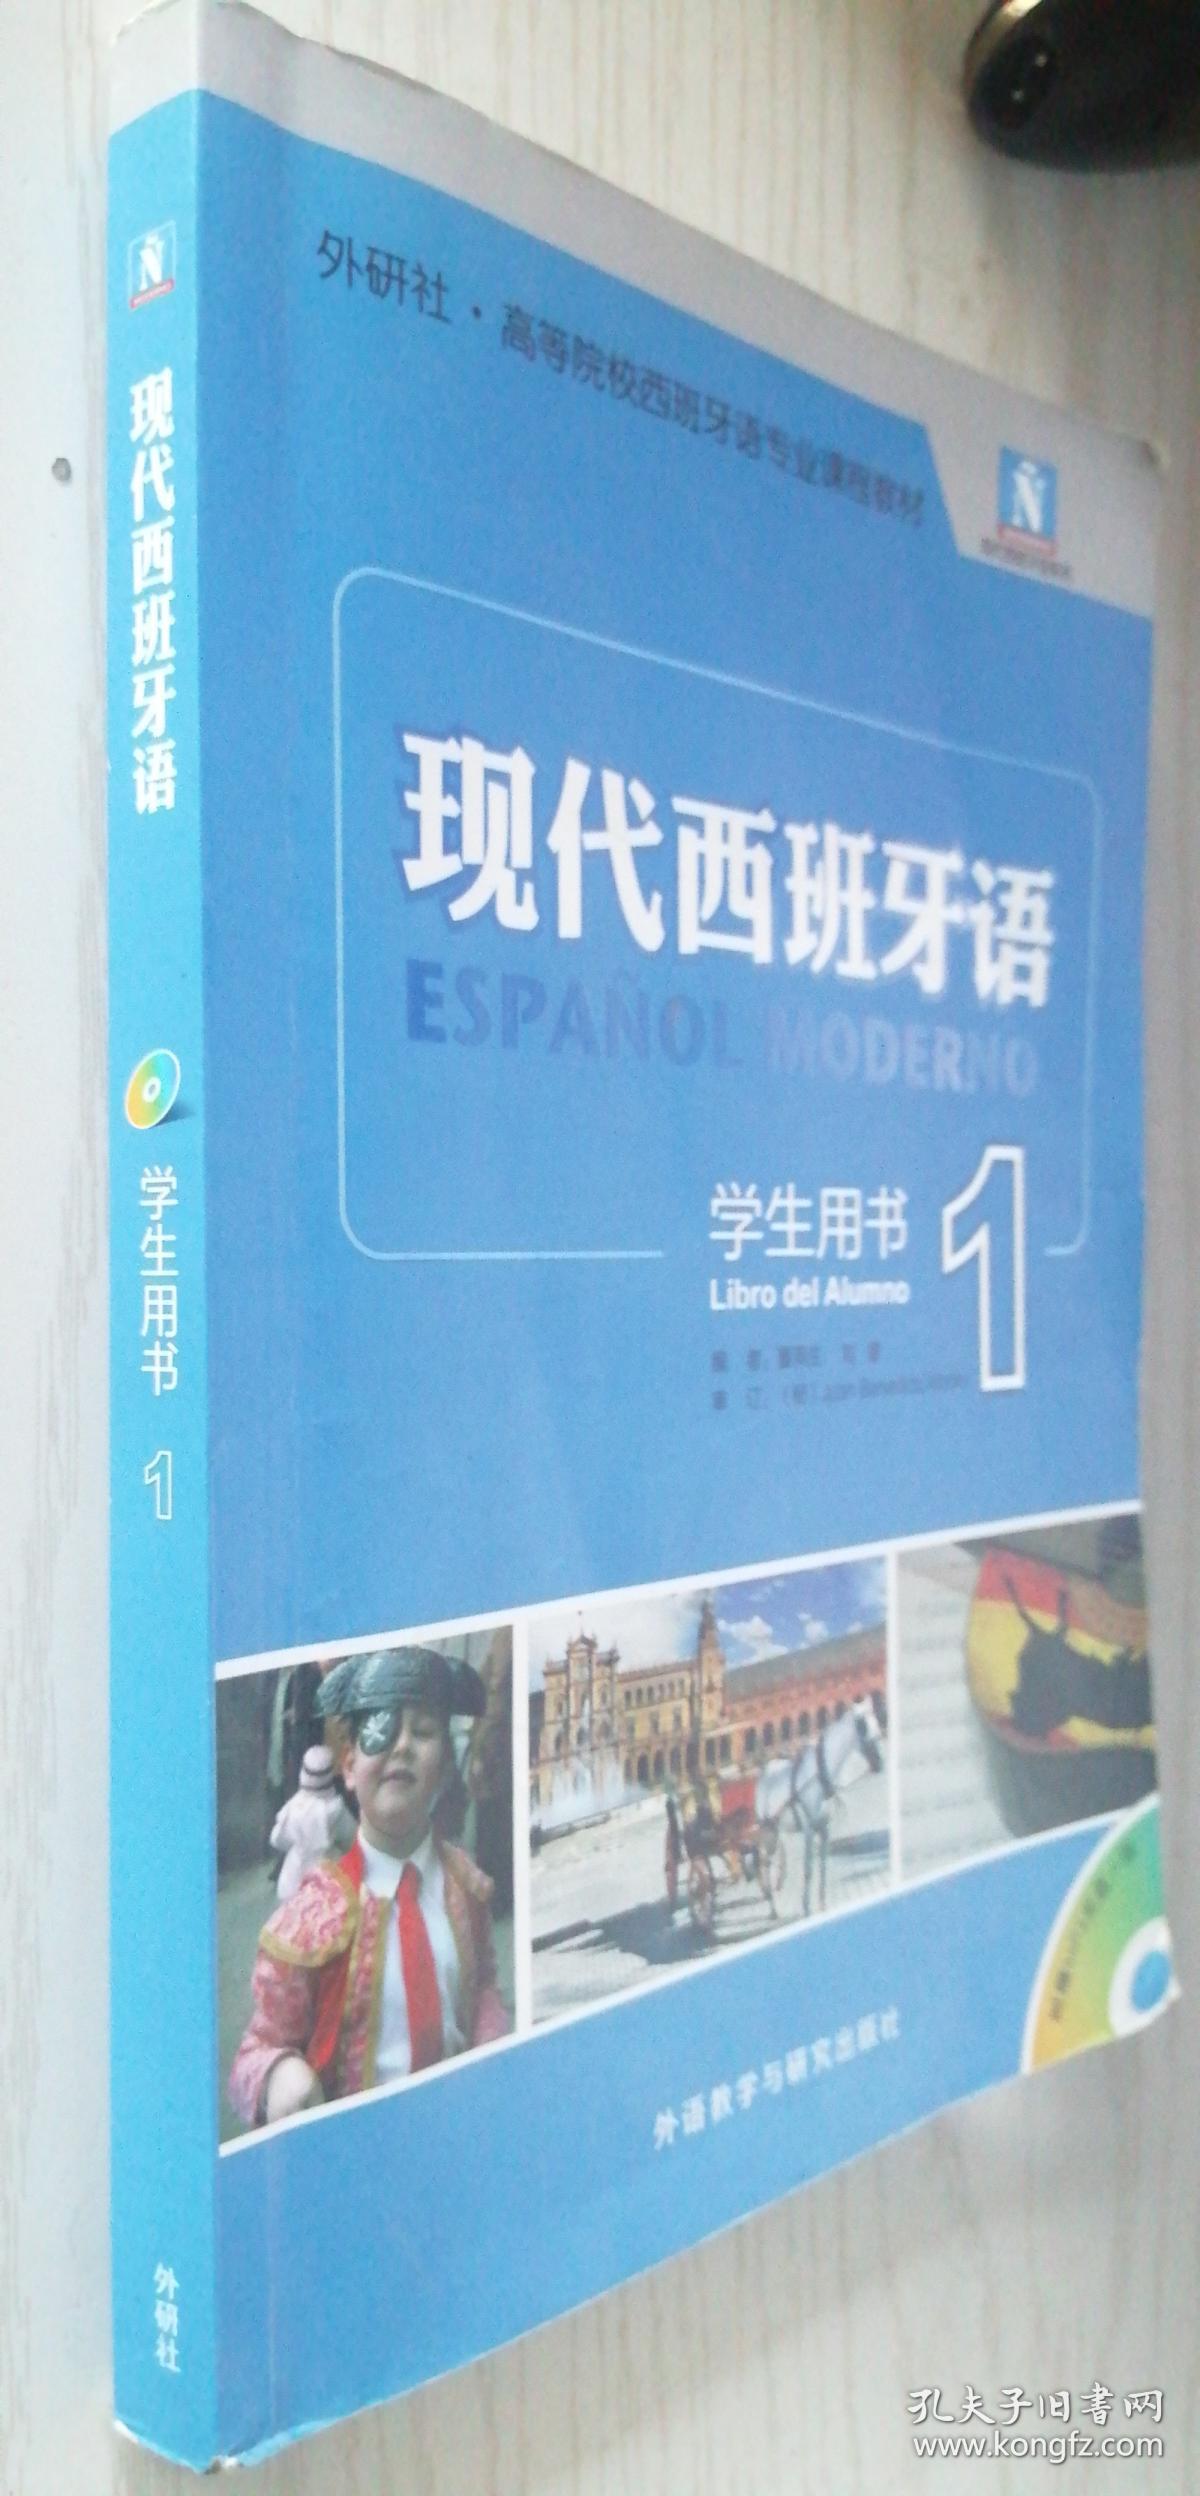 现代西班牙语(学生用书)(1)董燕生、刘建  著